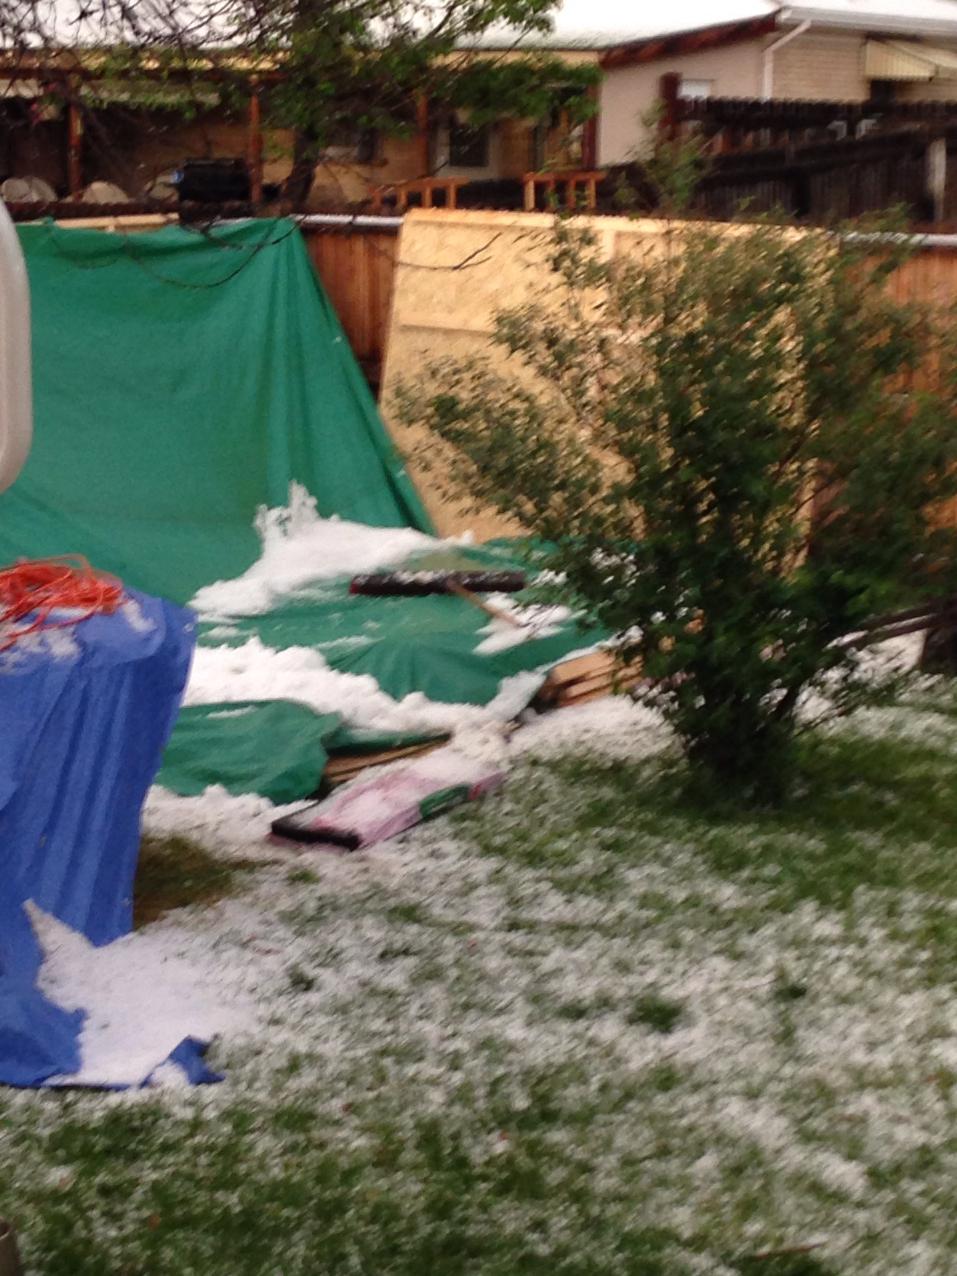 That's hail. Freakin' hail.